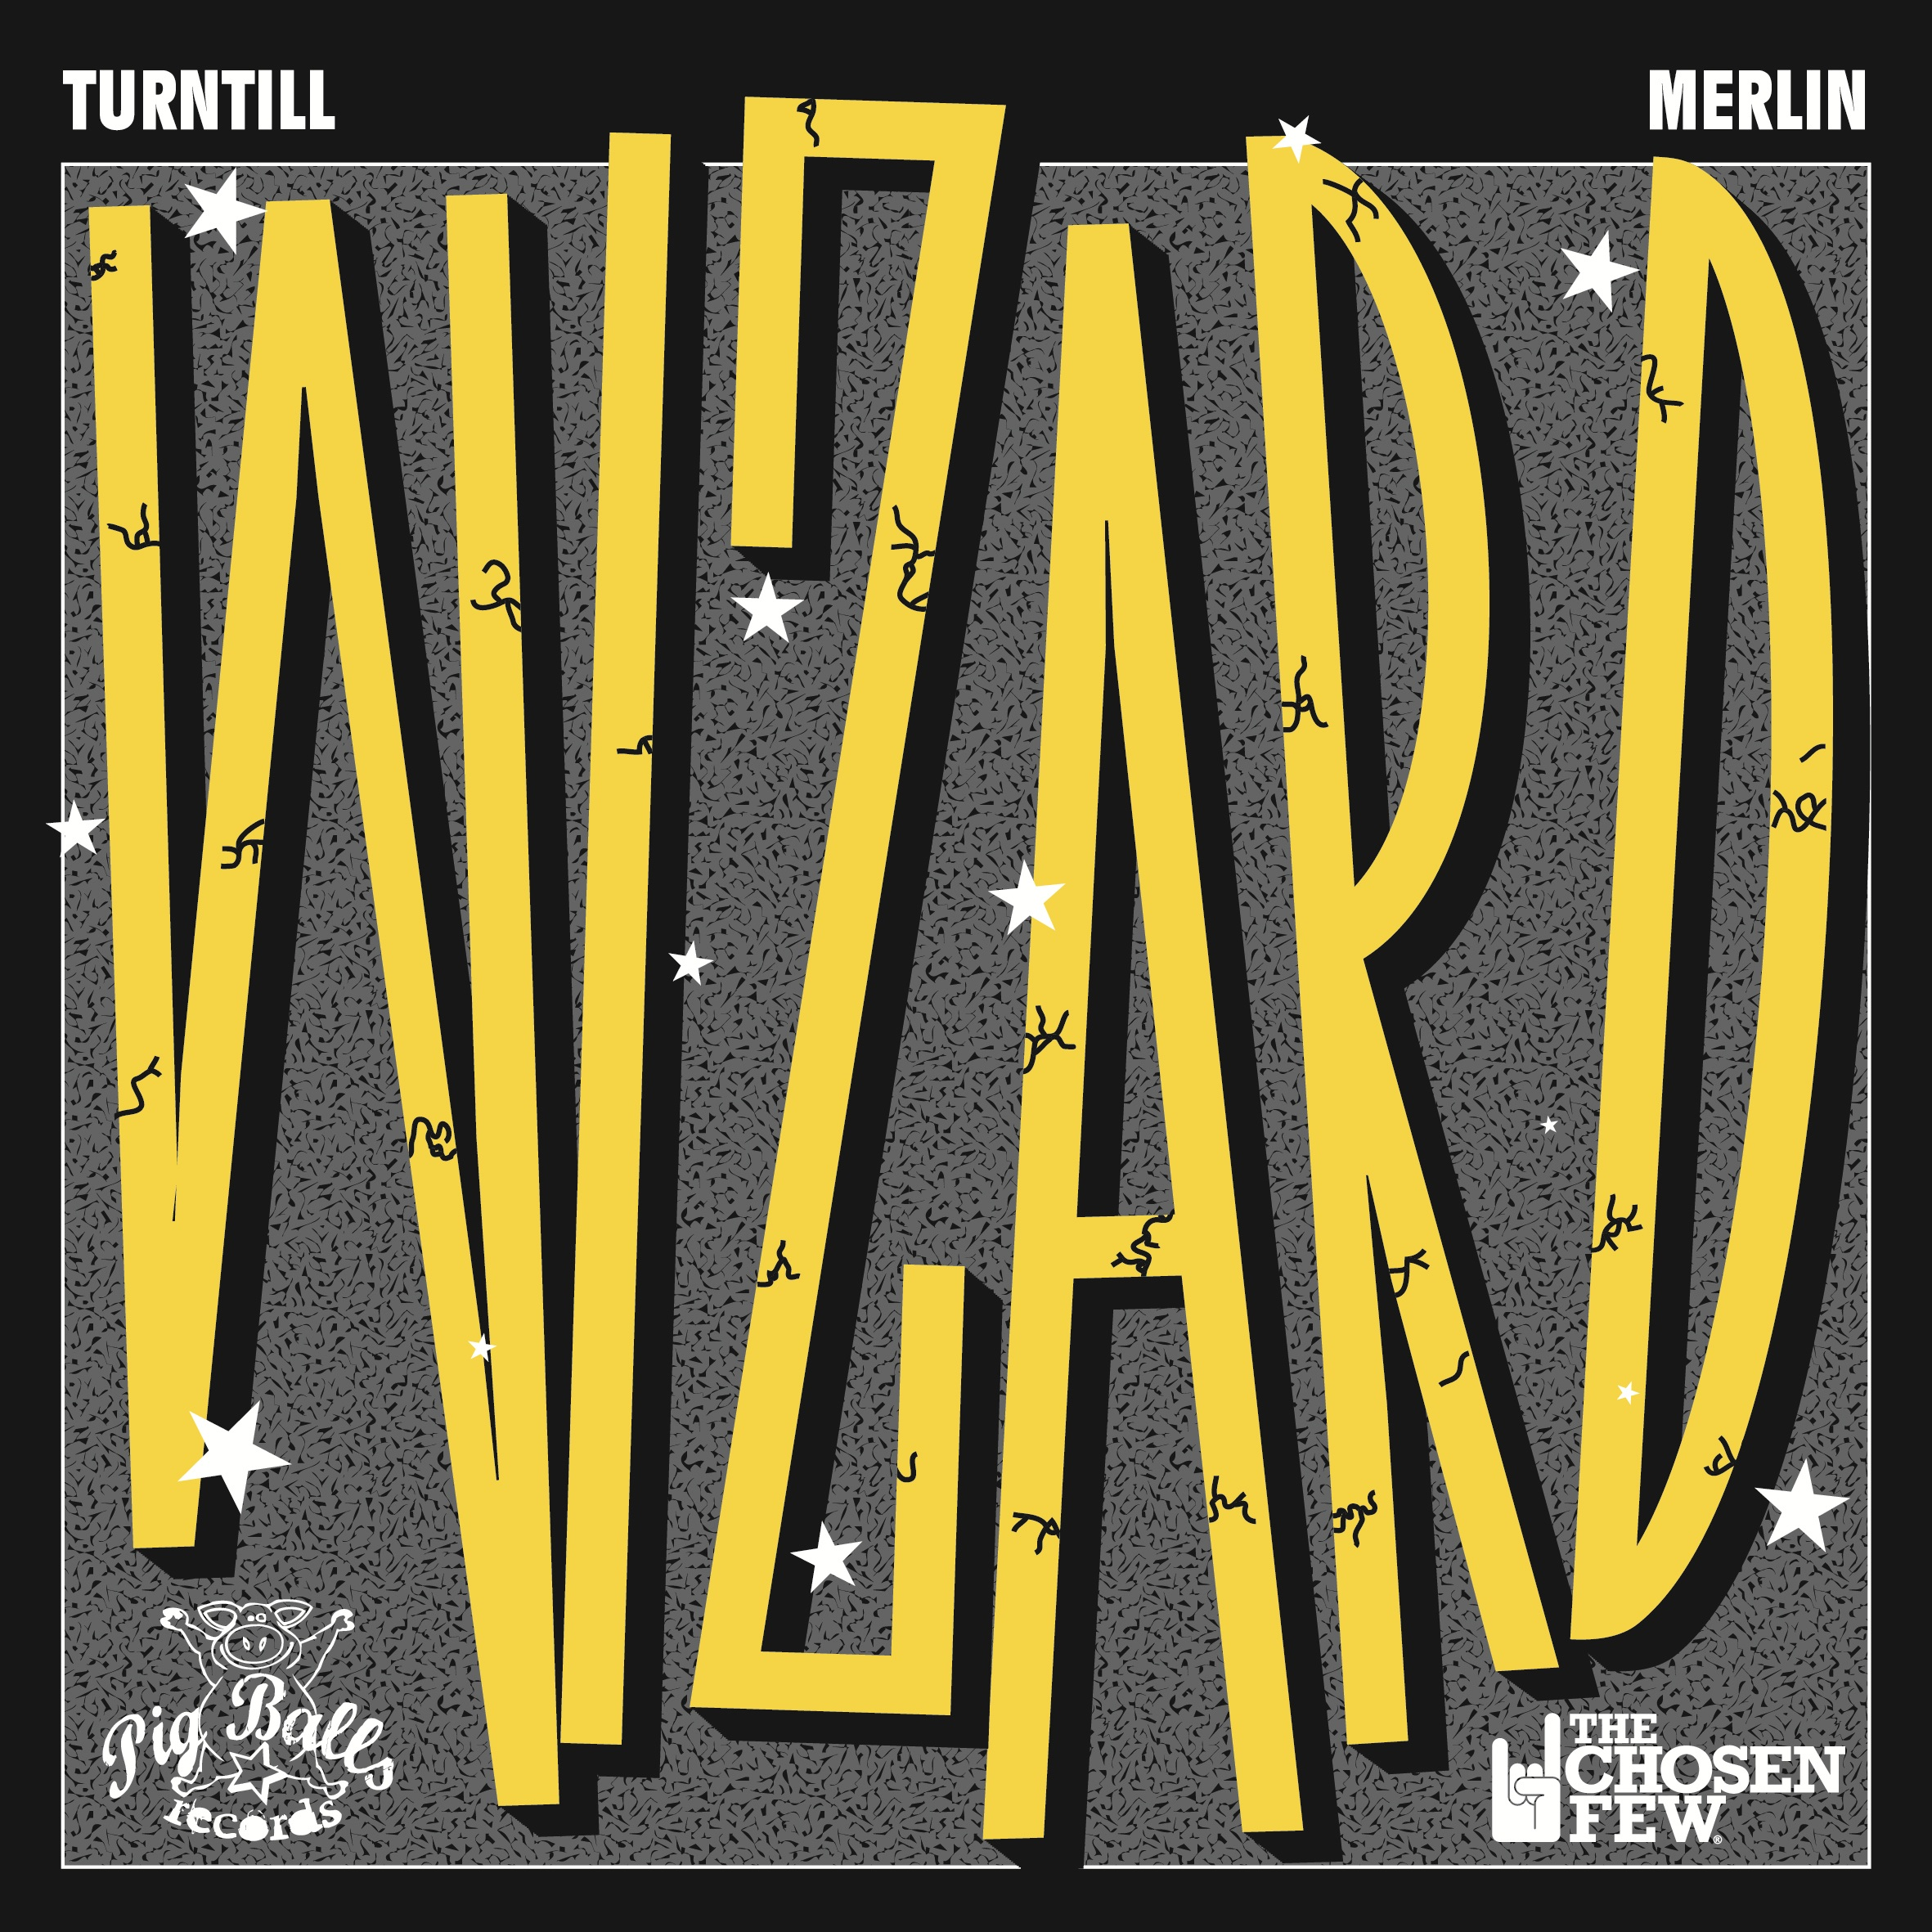 Turntill & Merlin - Wizard Cover - PBR030